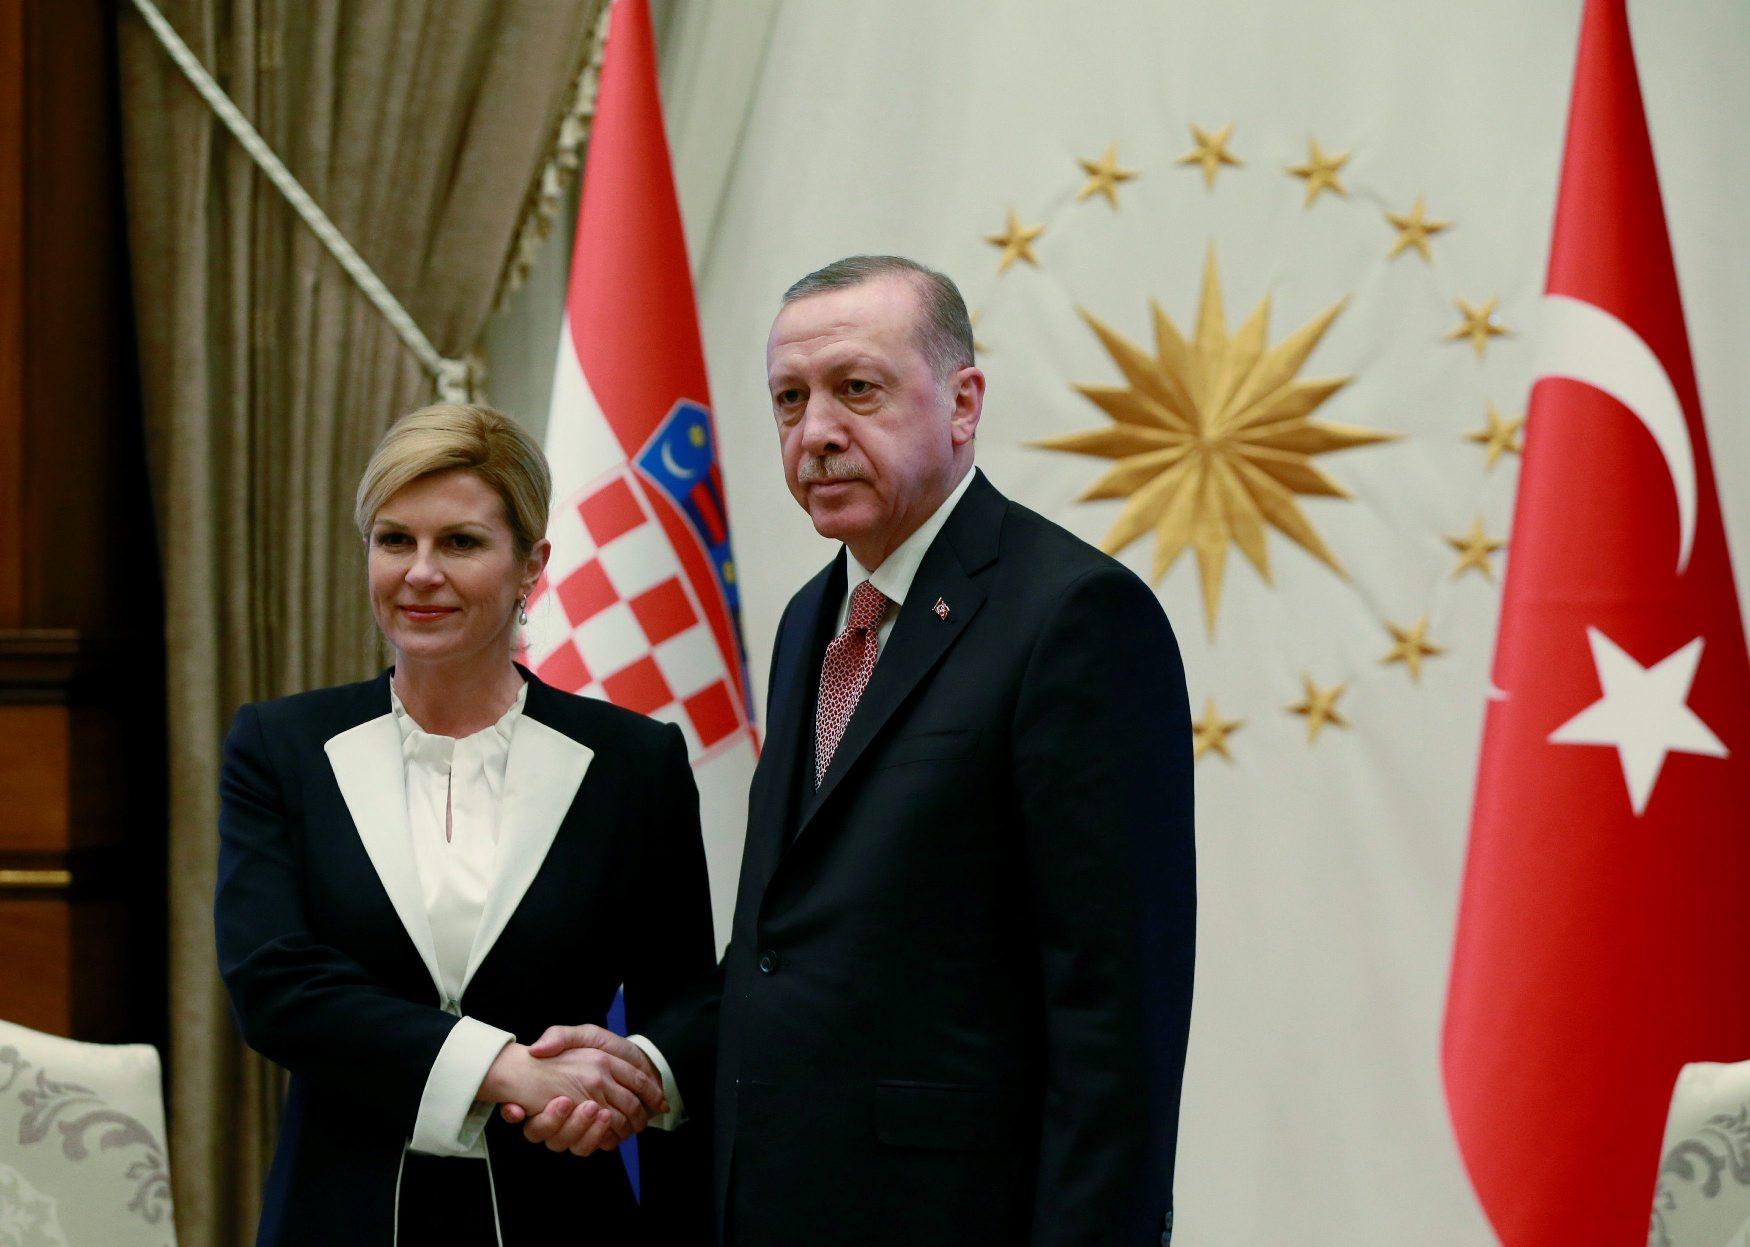 2019-01-16T151010Z_112475437_RC176168CFD0_RTRMADP_3_TURKEY-CROATIA